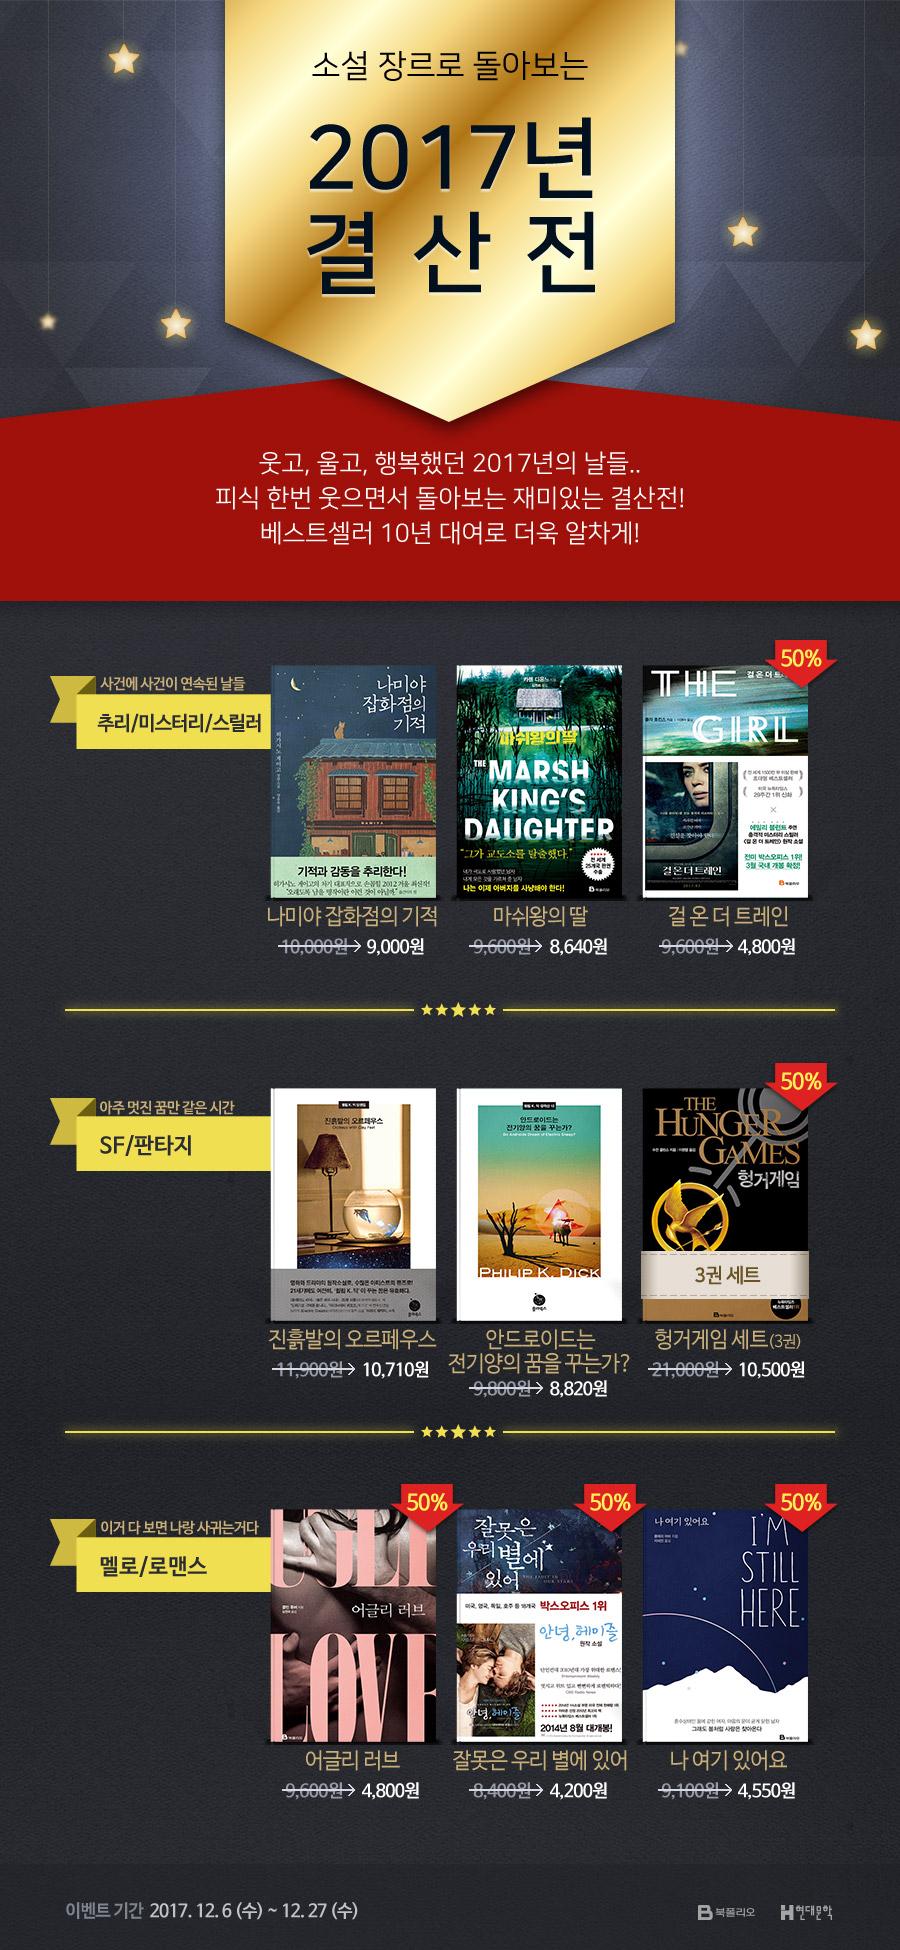 북폴리오, 현대문학 2017 소설 결산전